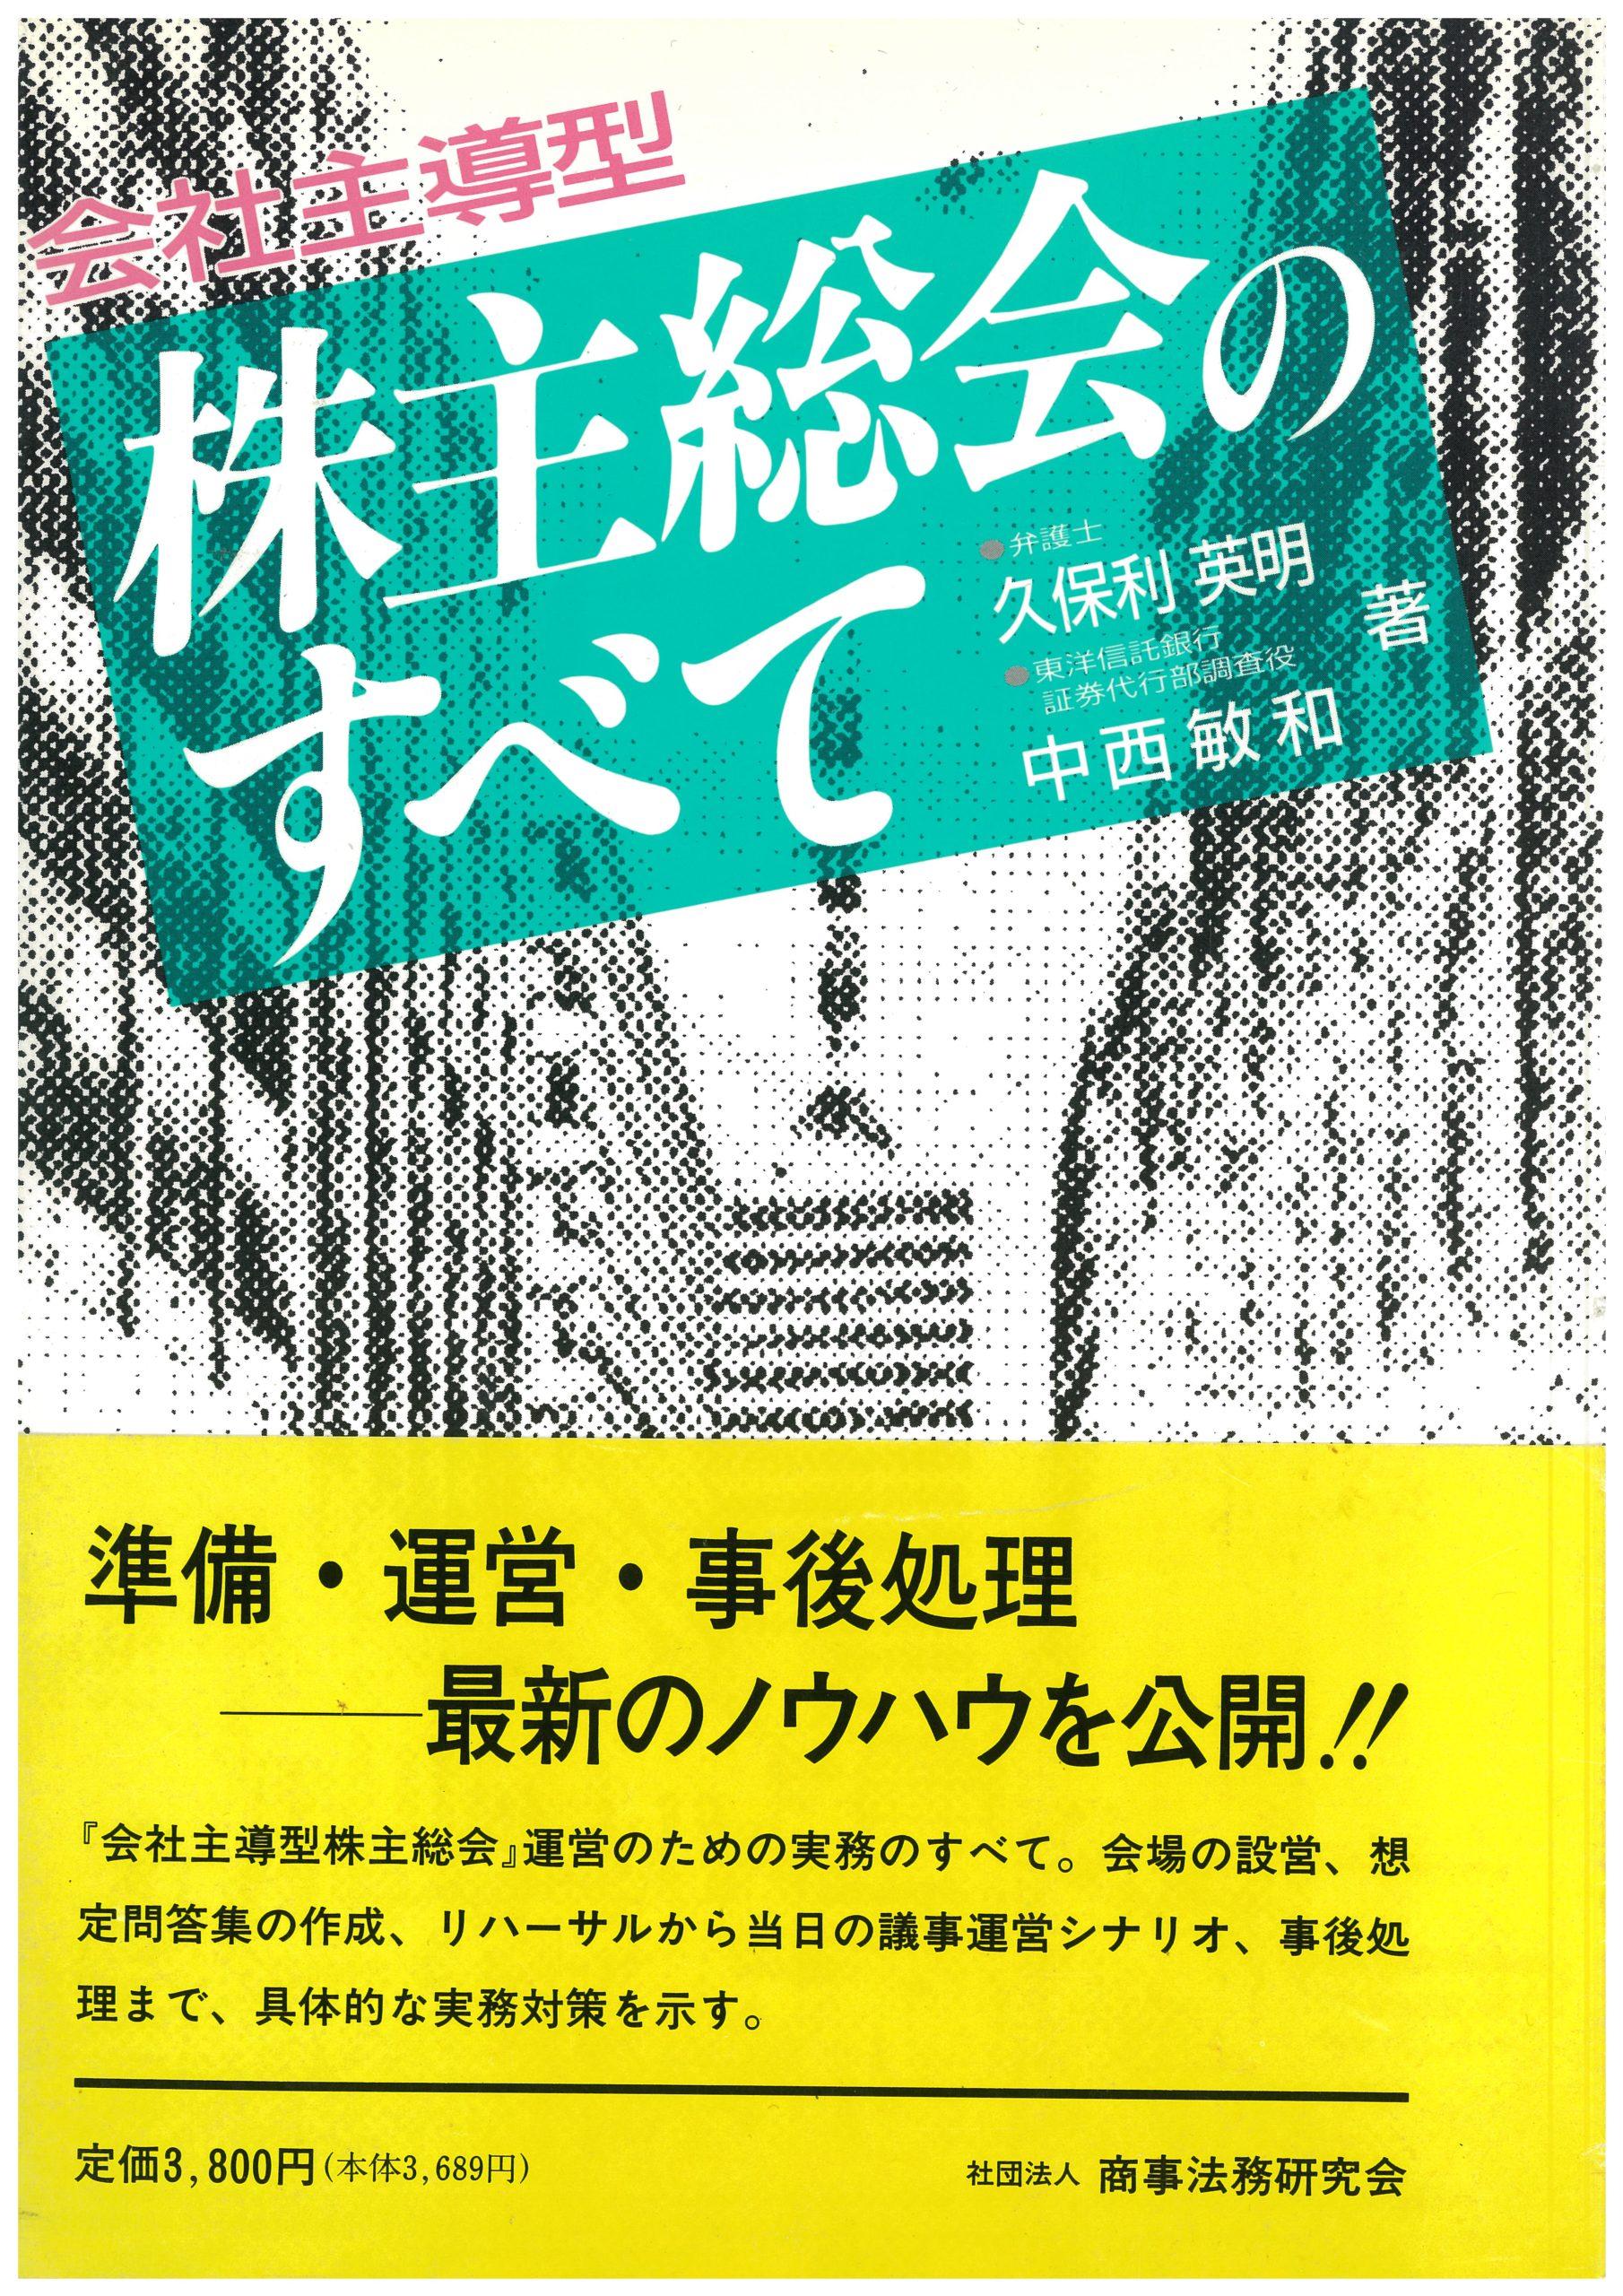 商事法務研究会    1991年2月 初版、1995年4月 新版